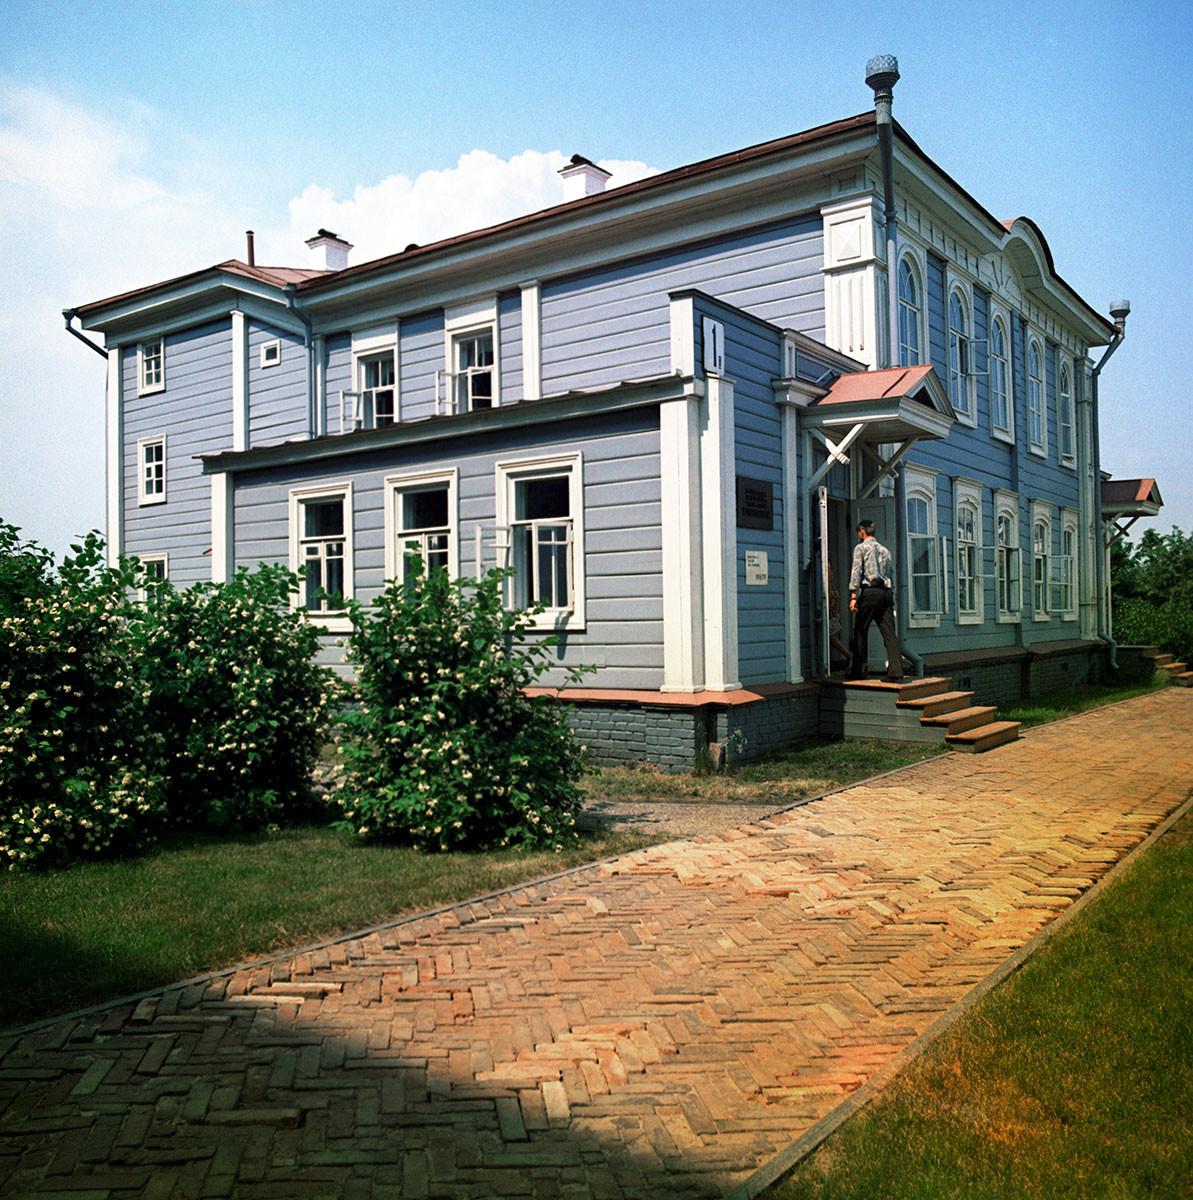 The Ulyanov family house in Simbirsk (Ulyanovsk).